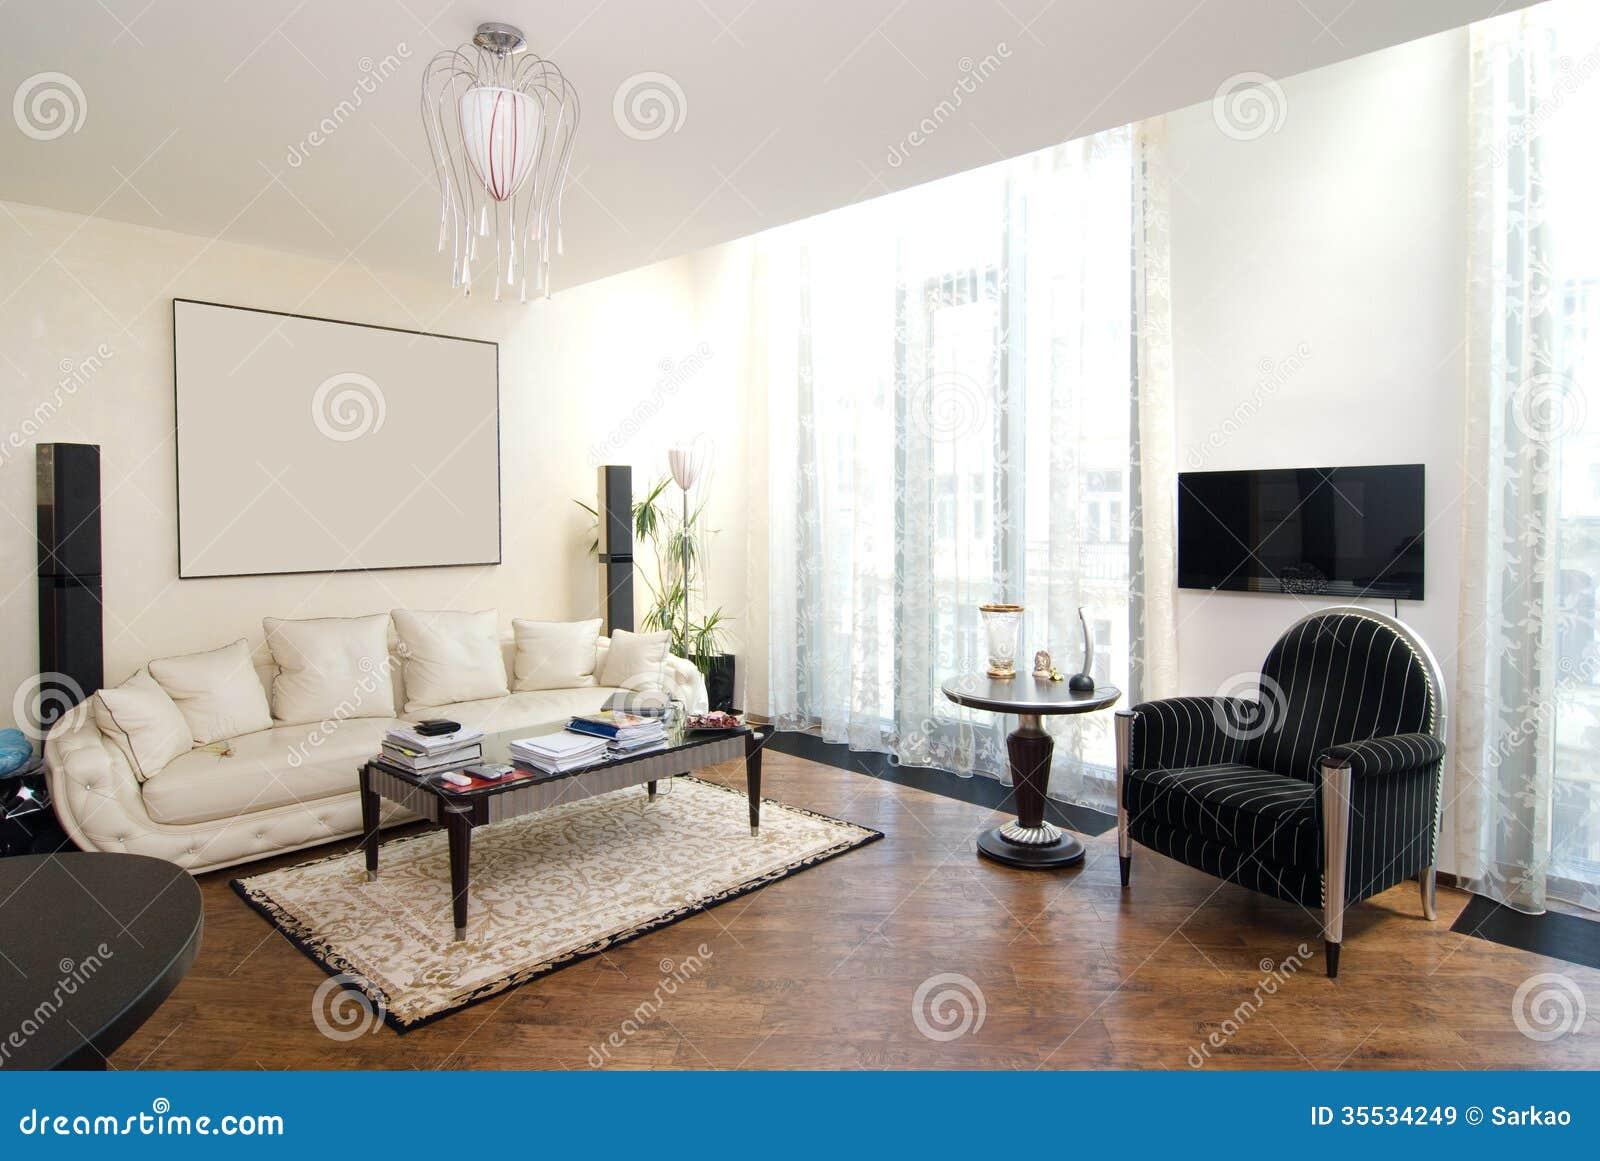 Luxury modern living room stock image image of modern for Salon de luxe moderne